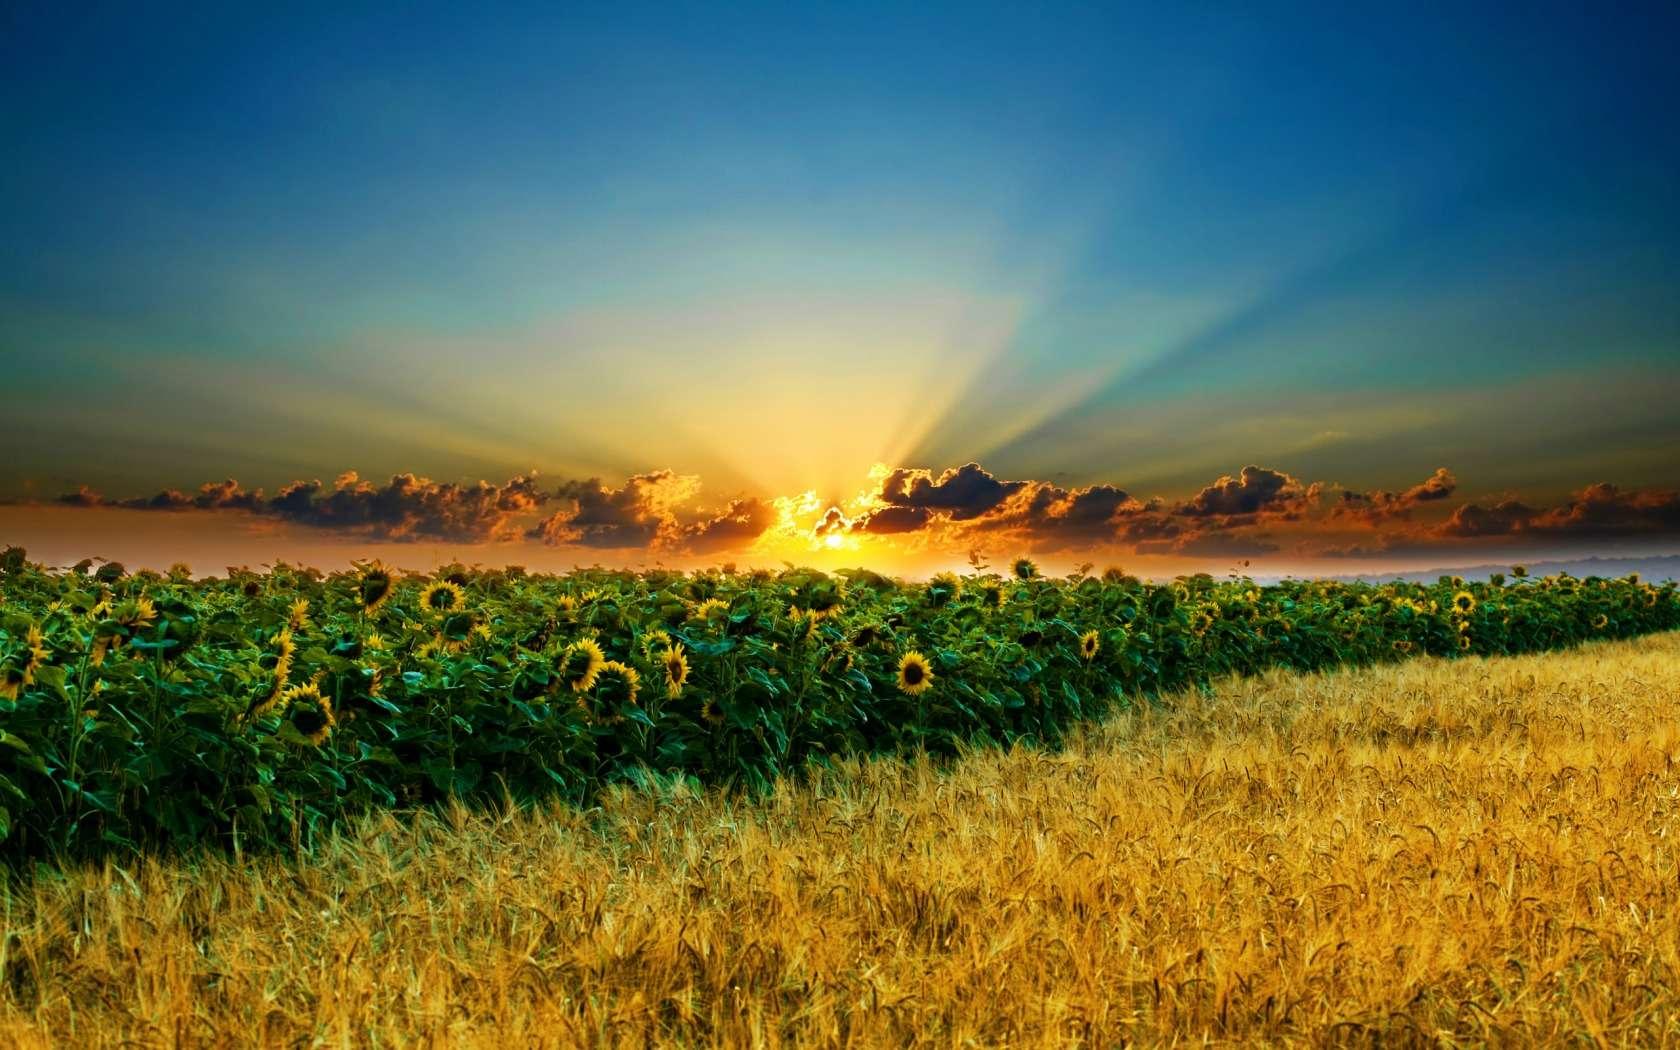 http://img542.imageshack.us/img542/301/imagenesskamaslecom24.jpg